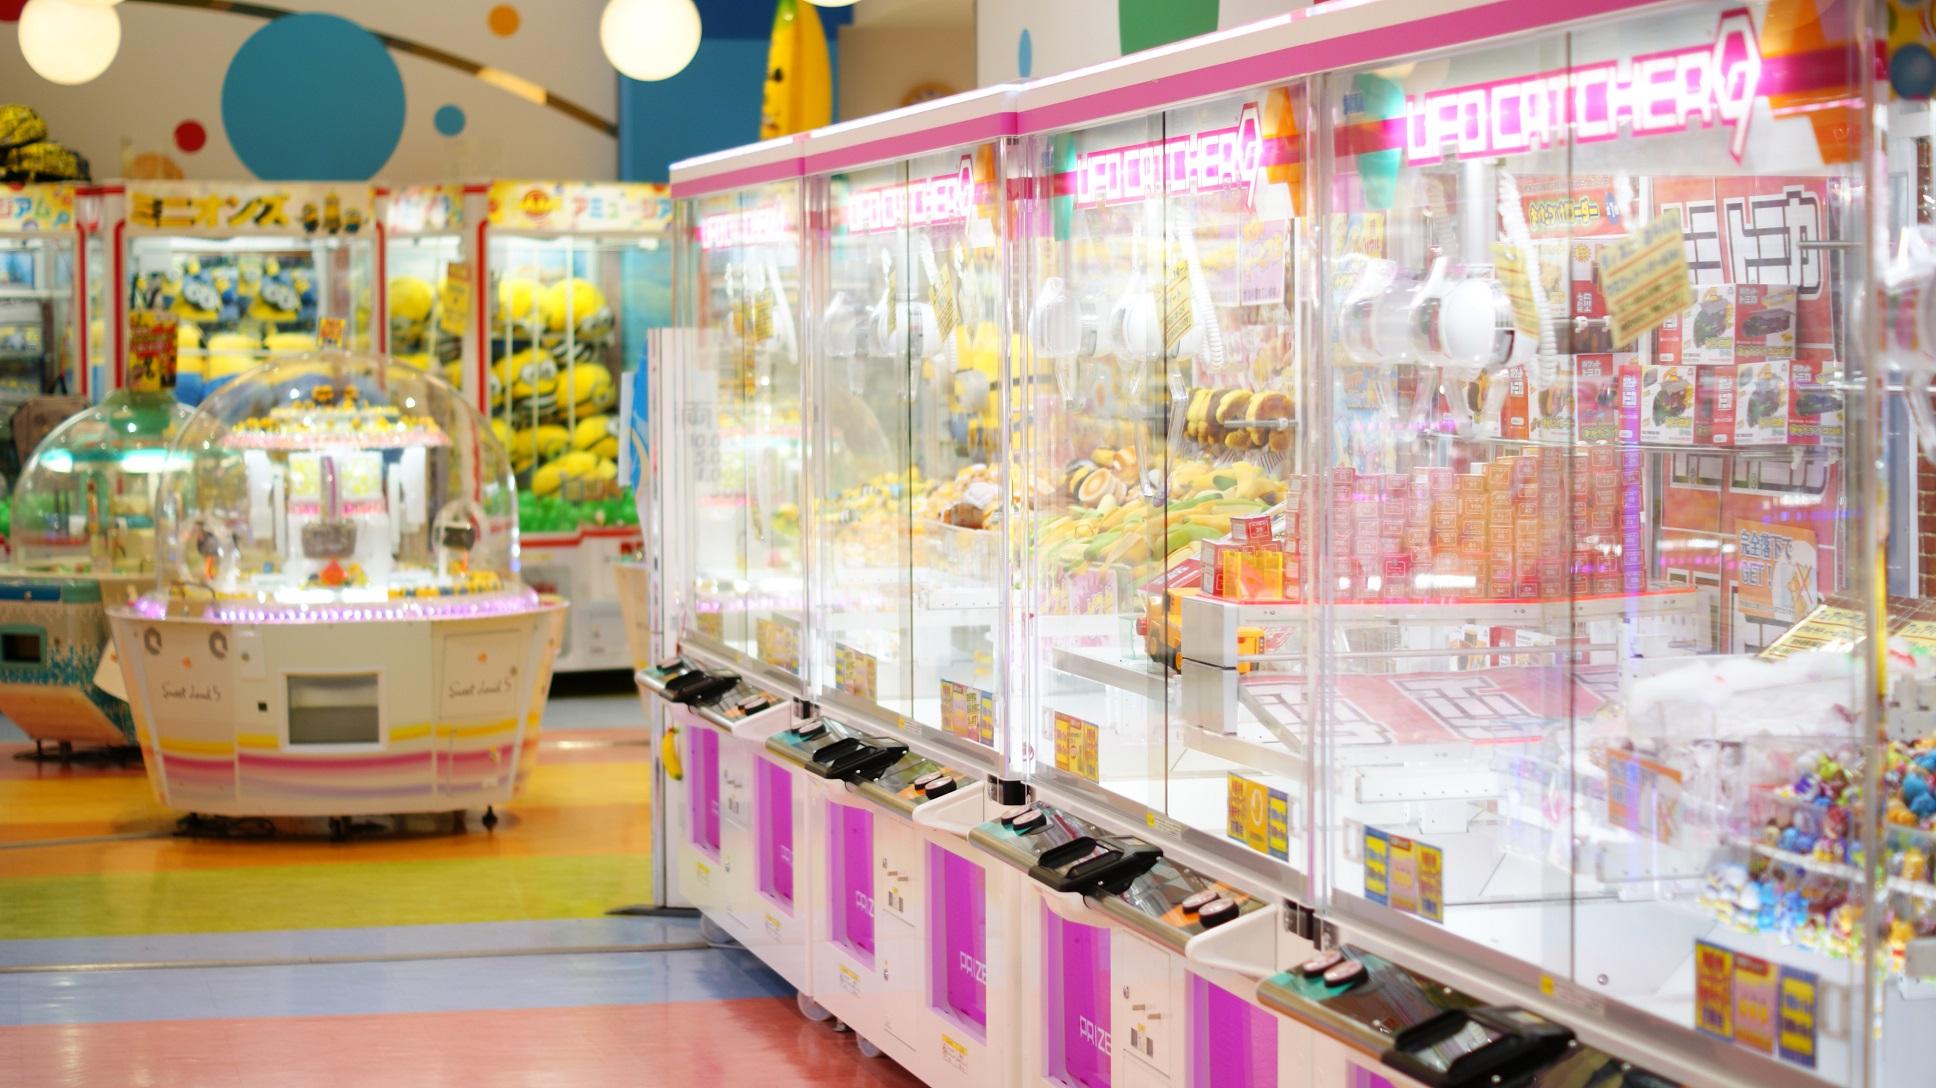 アミュージアム豊洲店|関東エリア|アミュージアム【公式】ゲームセンター